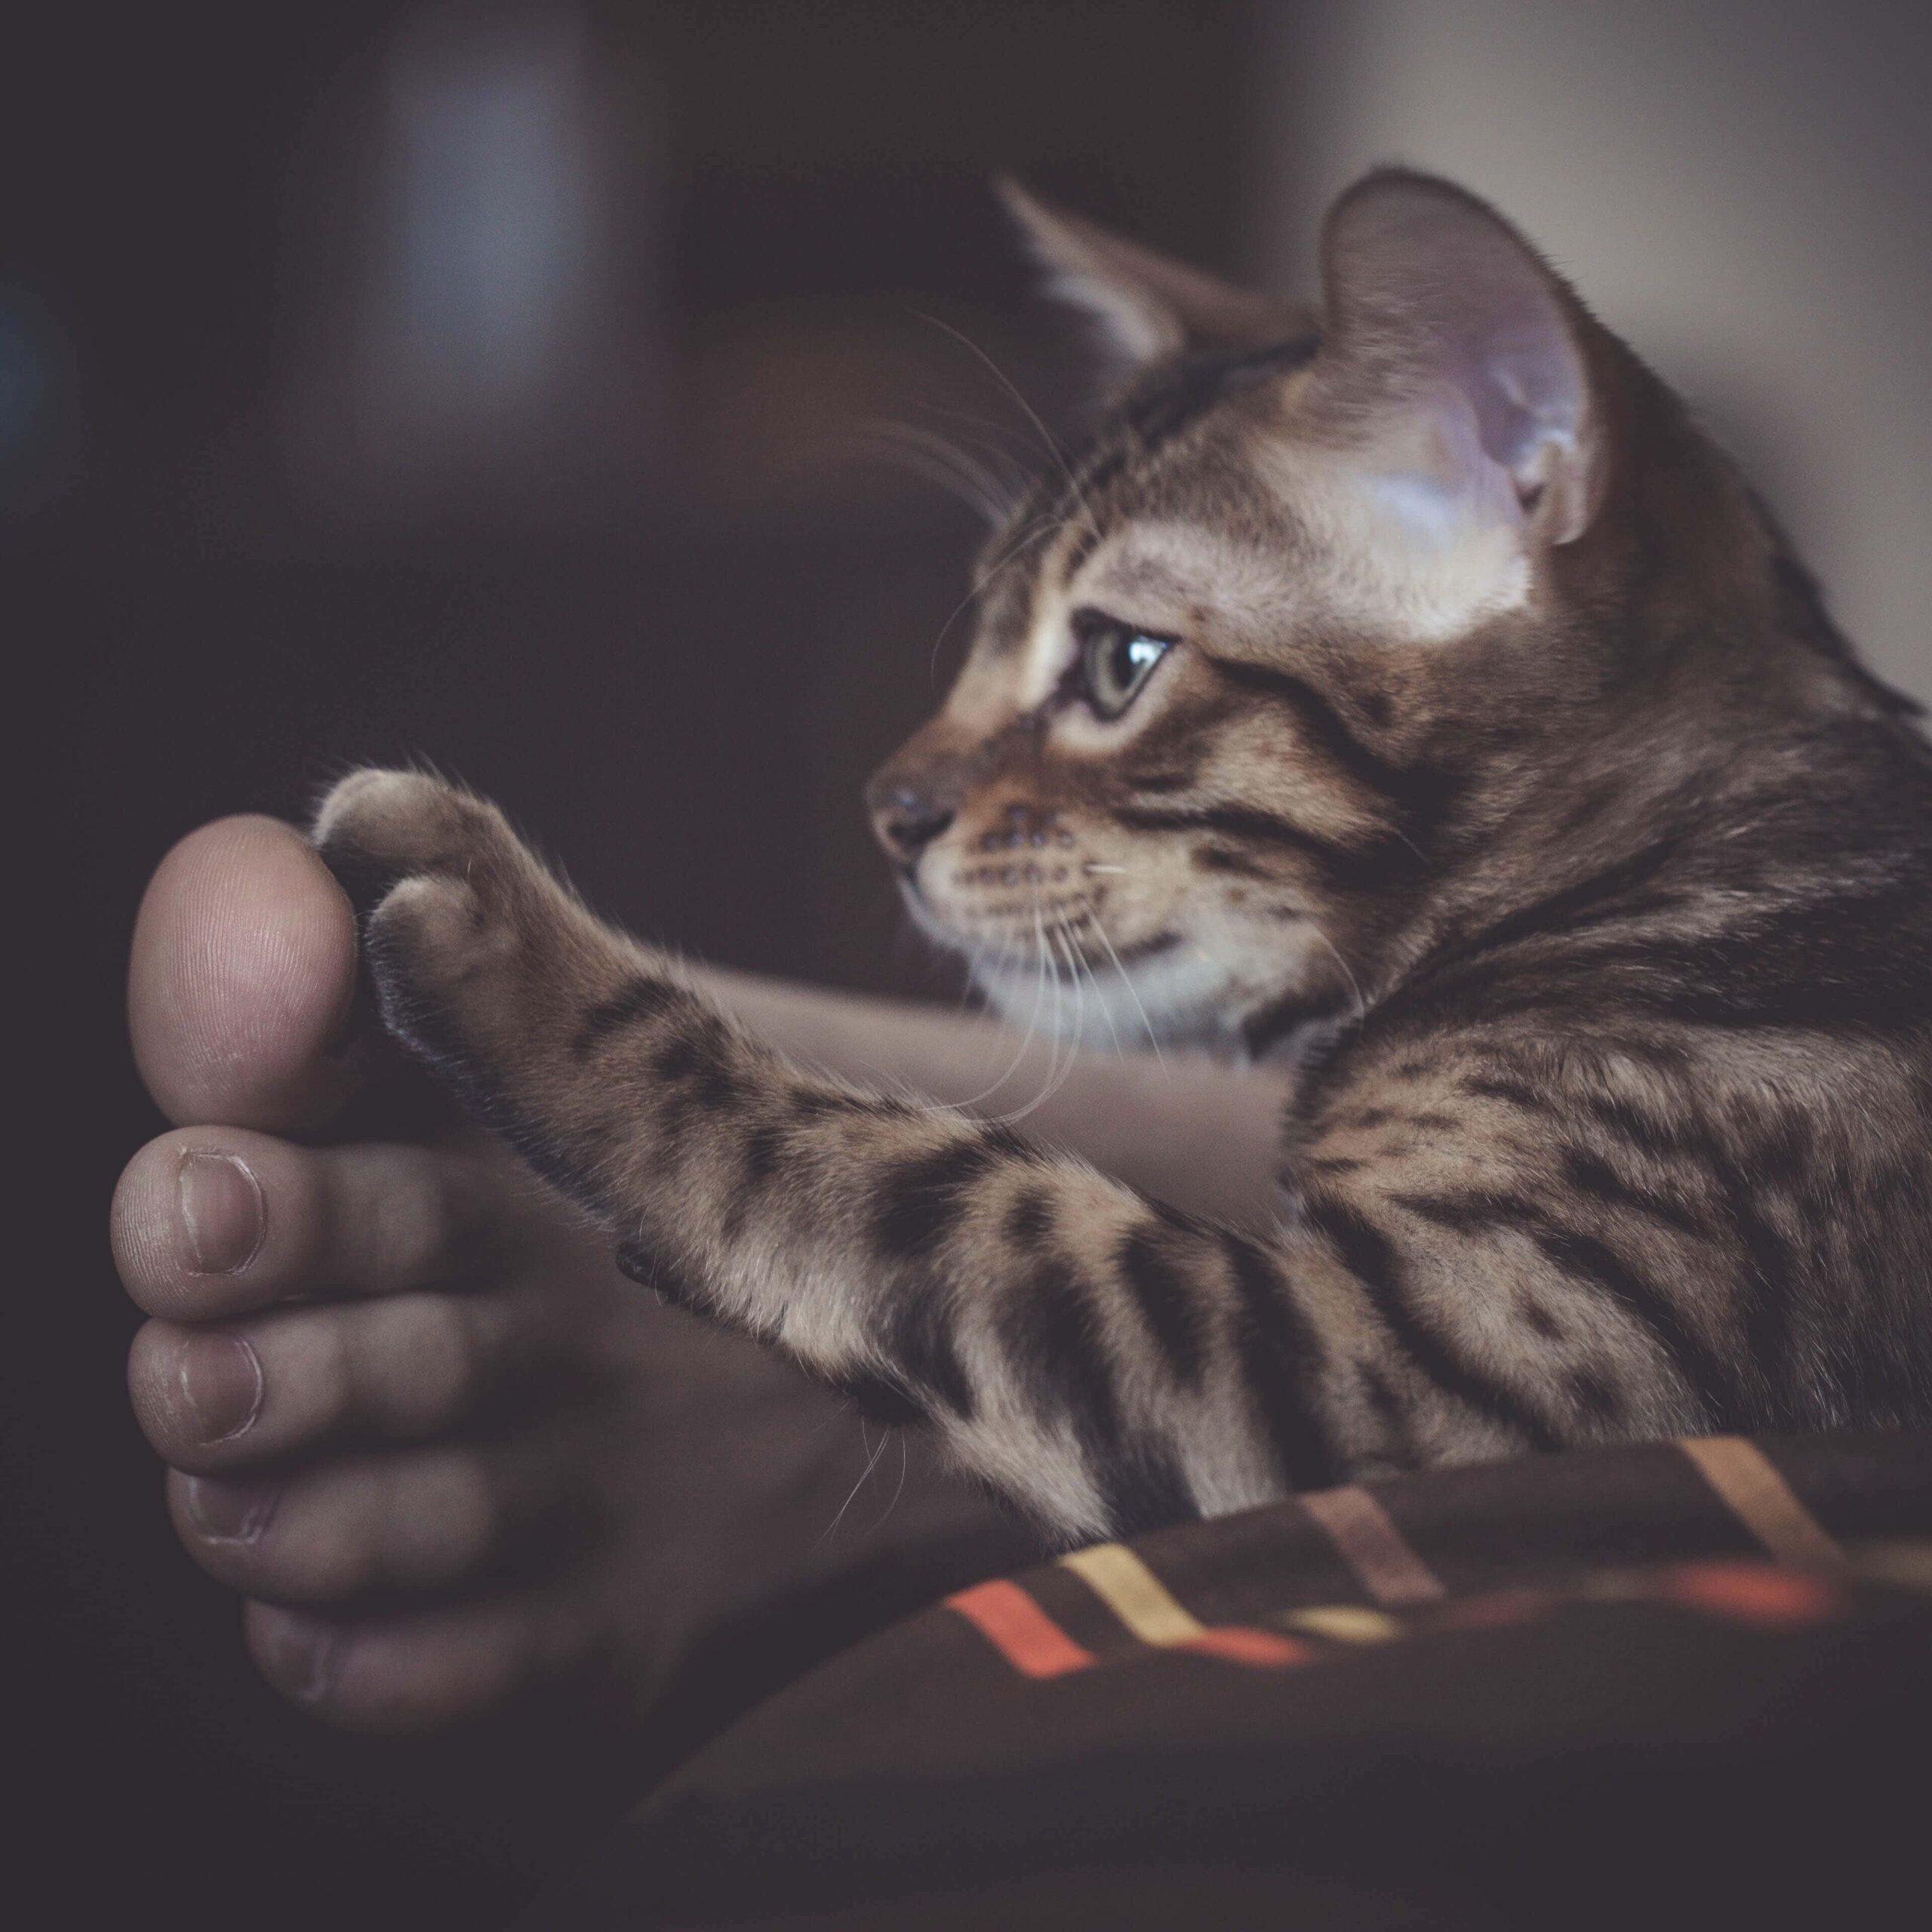 Kedim Topallıyor, Neden Olabilir?